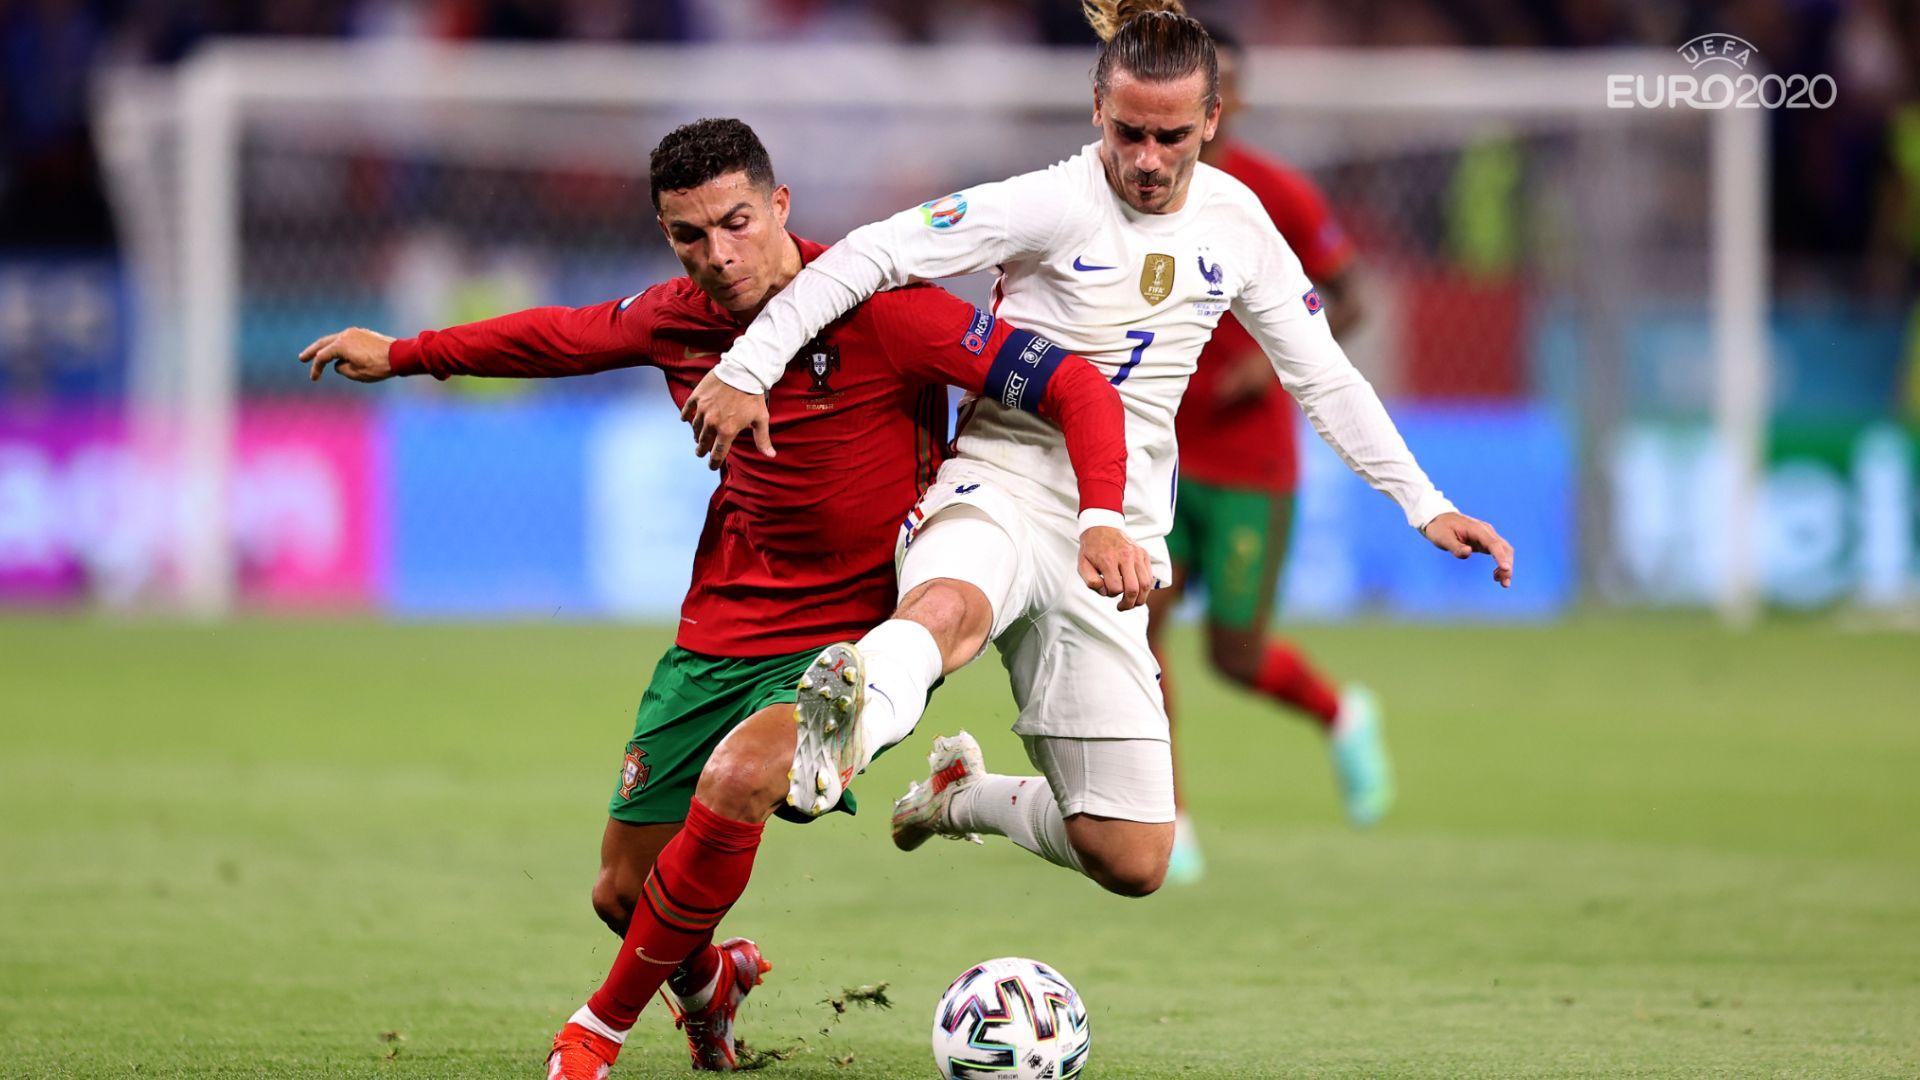 Три дузпи в ярко шампионско шоу, рекордьорът Роналдо остави Португалия на Европейското